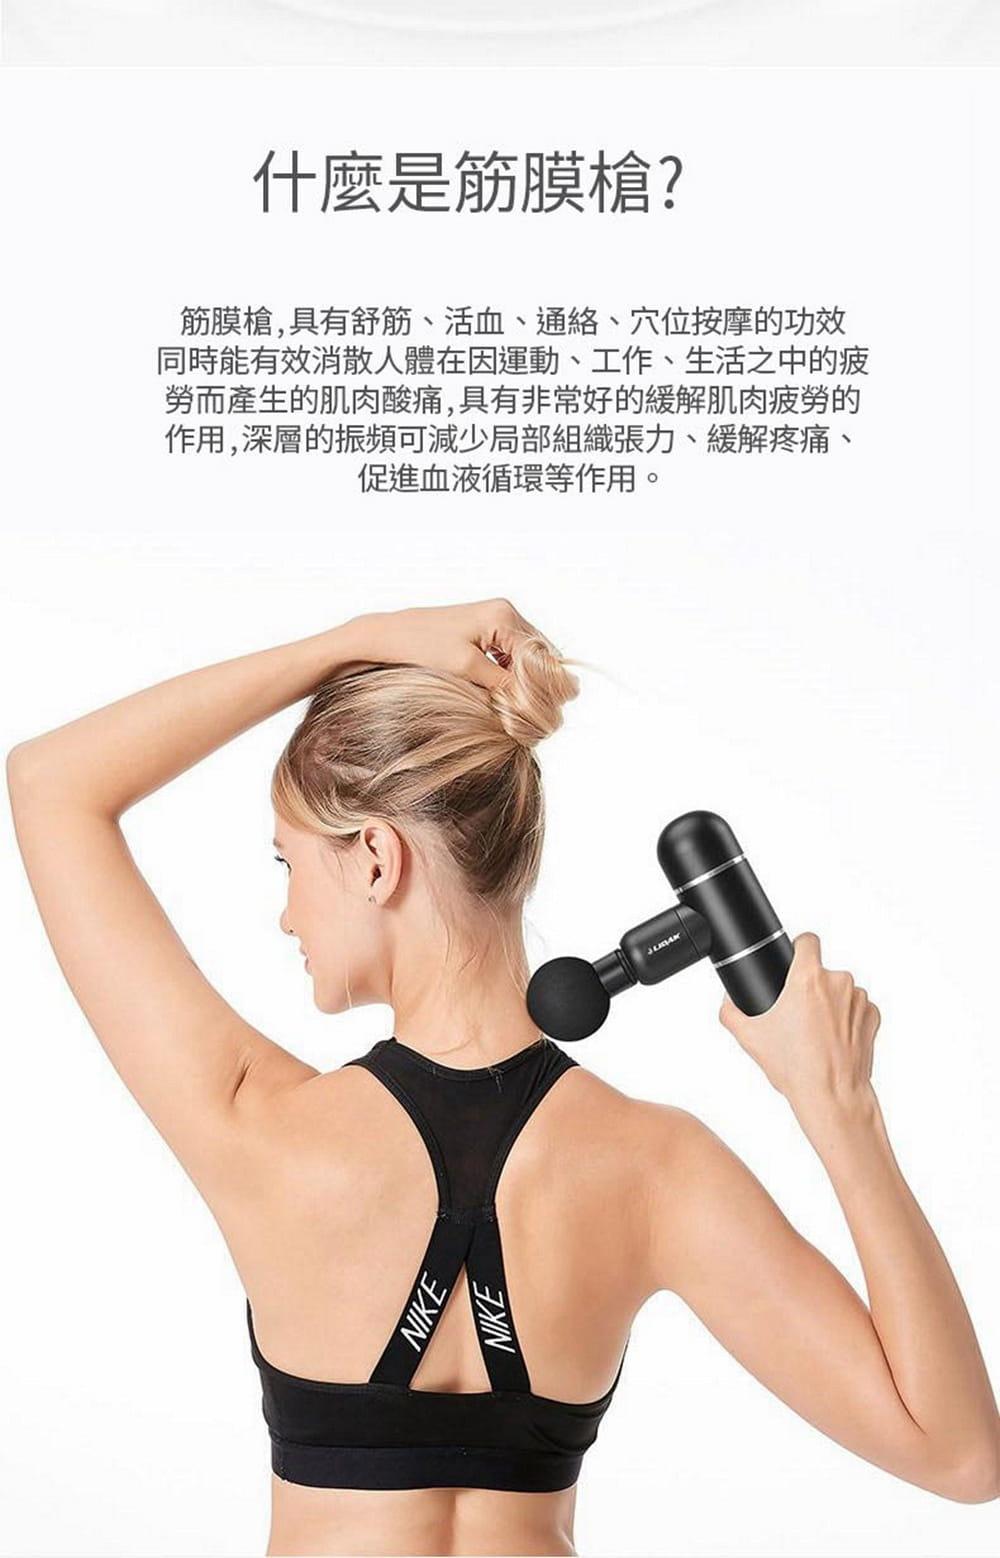 【美國LIDAK】V2 USB電動按摩槍/鋁合金筋膜槍 肌肉按摩器/健身器材 10